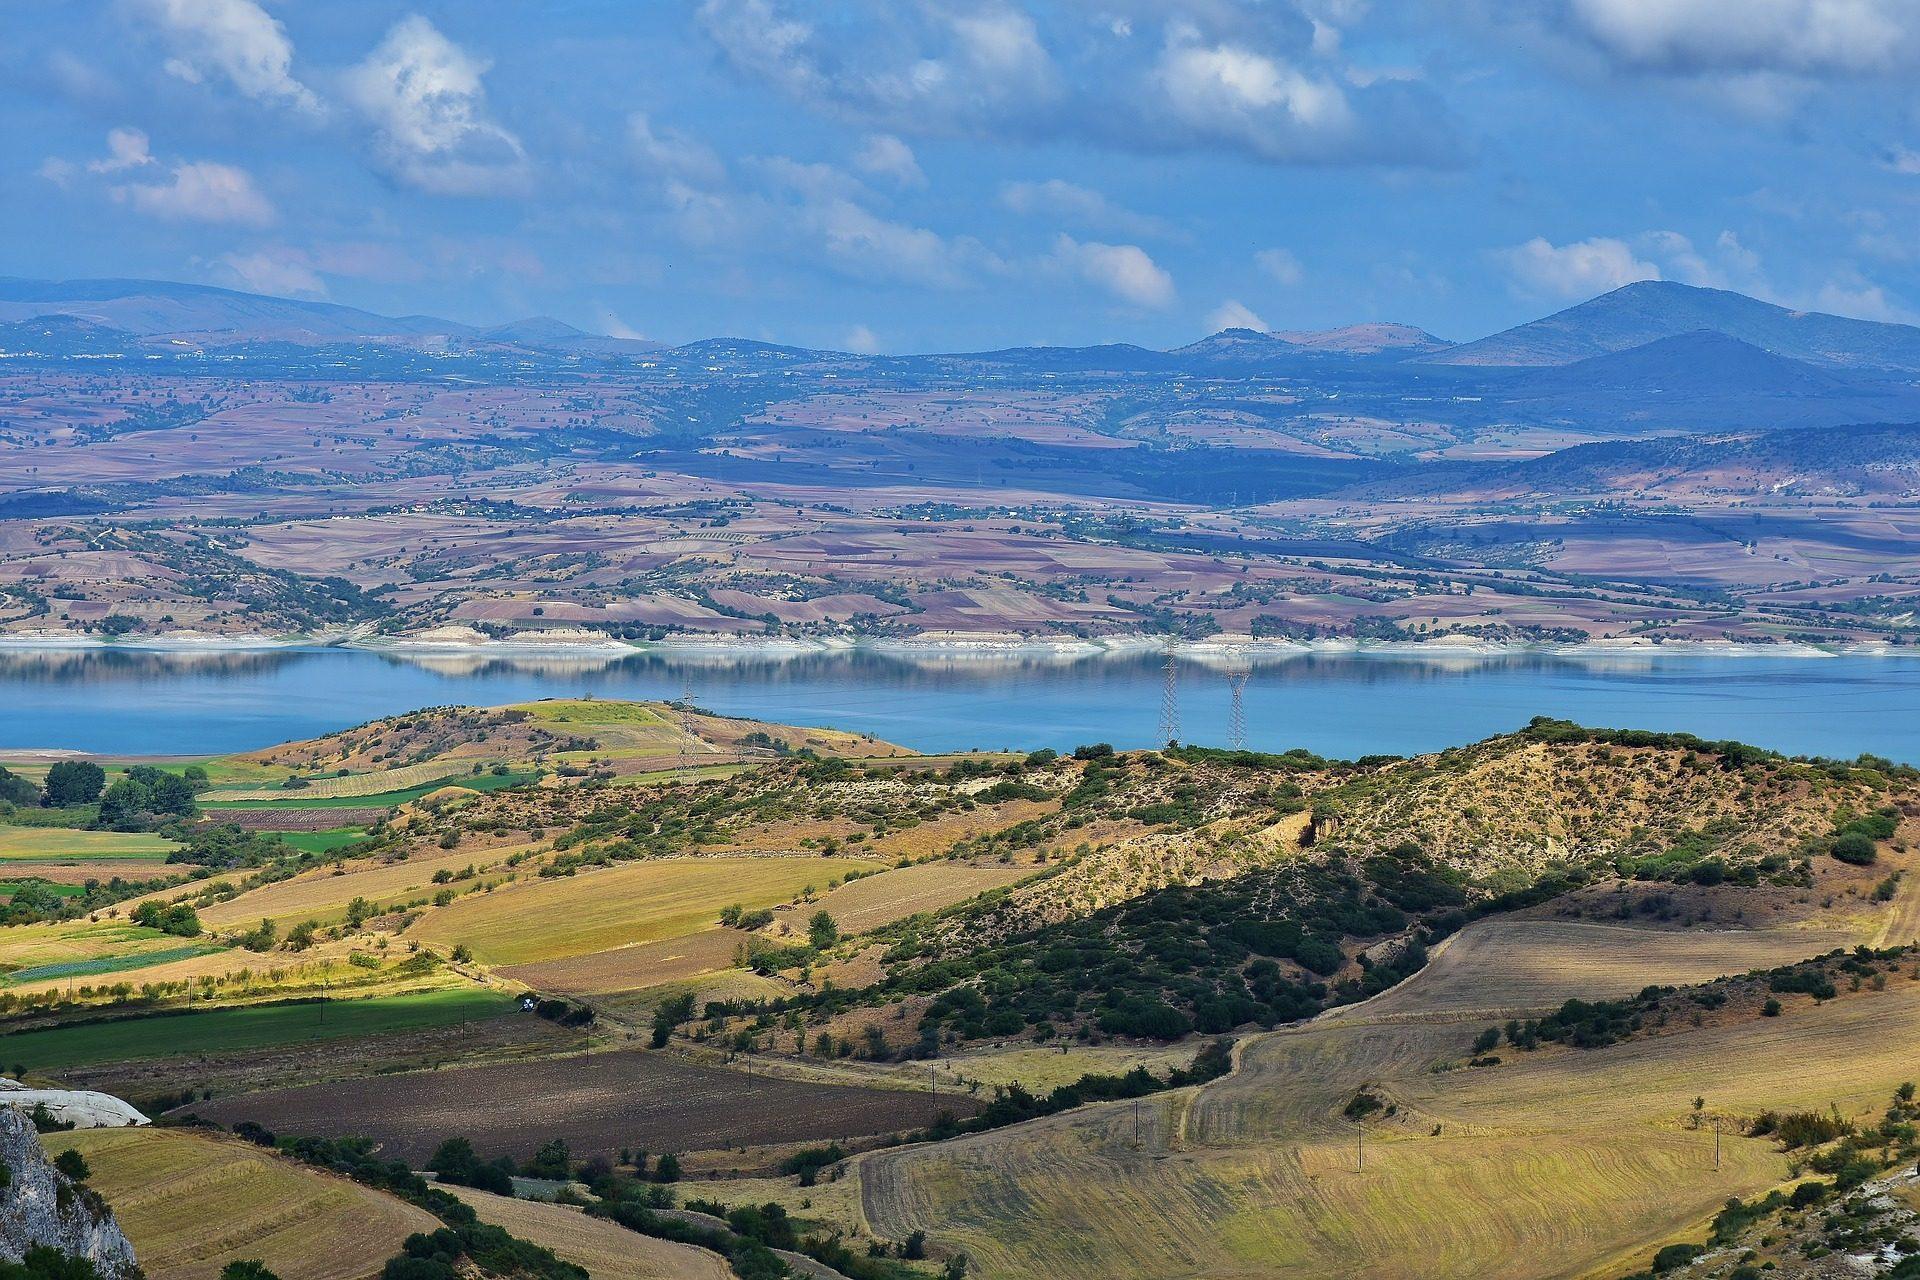 Entfernung, Montañas, Plain, Río, Himmel, Wolken - Wallpaper HD - Prof.-falken.com